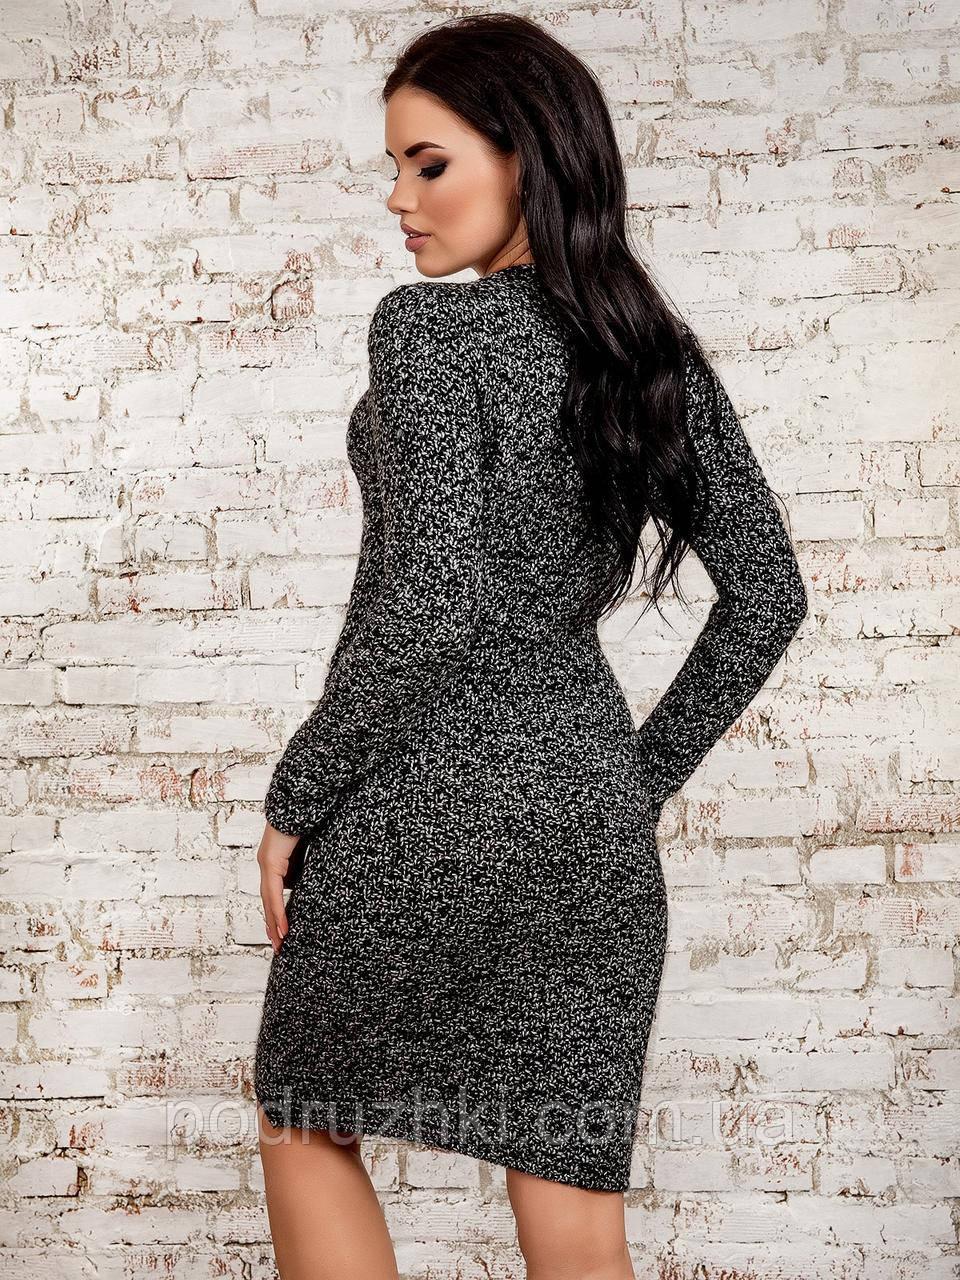 женское вязаное платье с длинным рукавом 3цвета продажа цена в